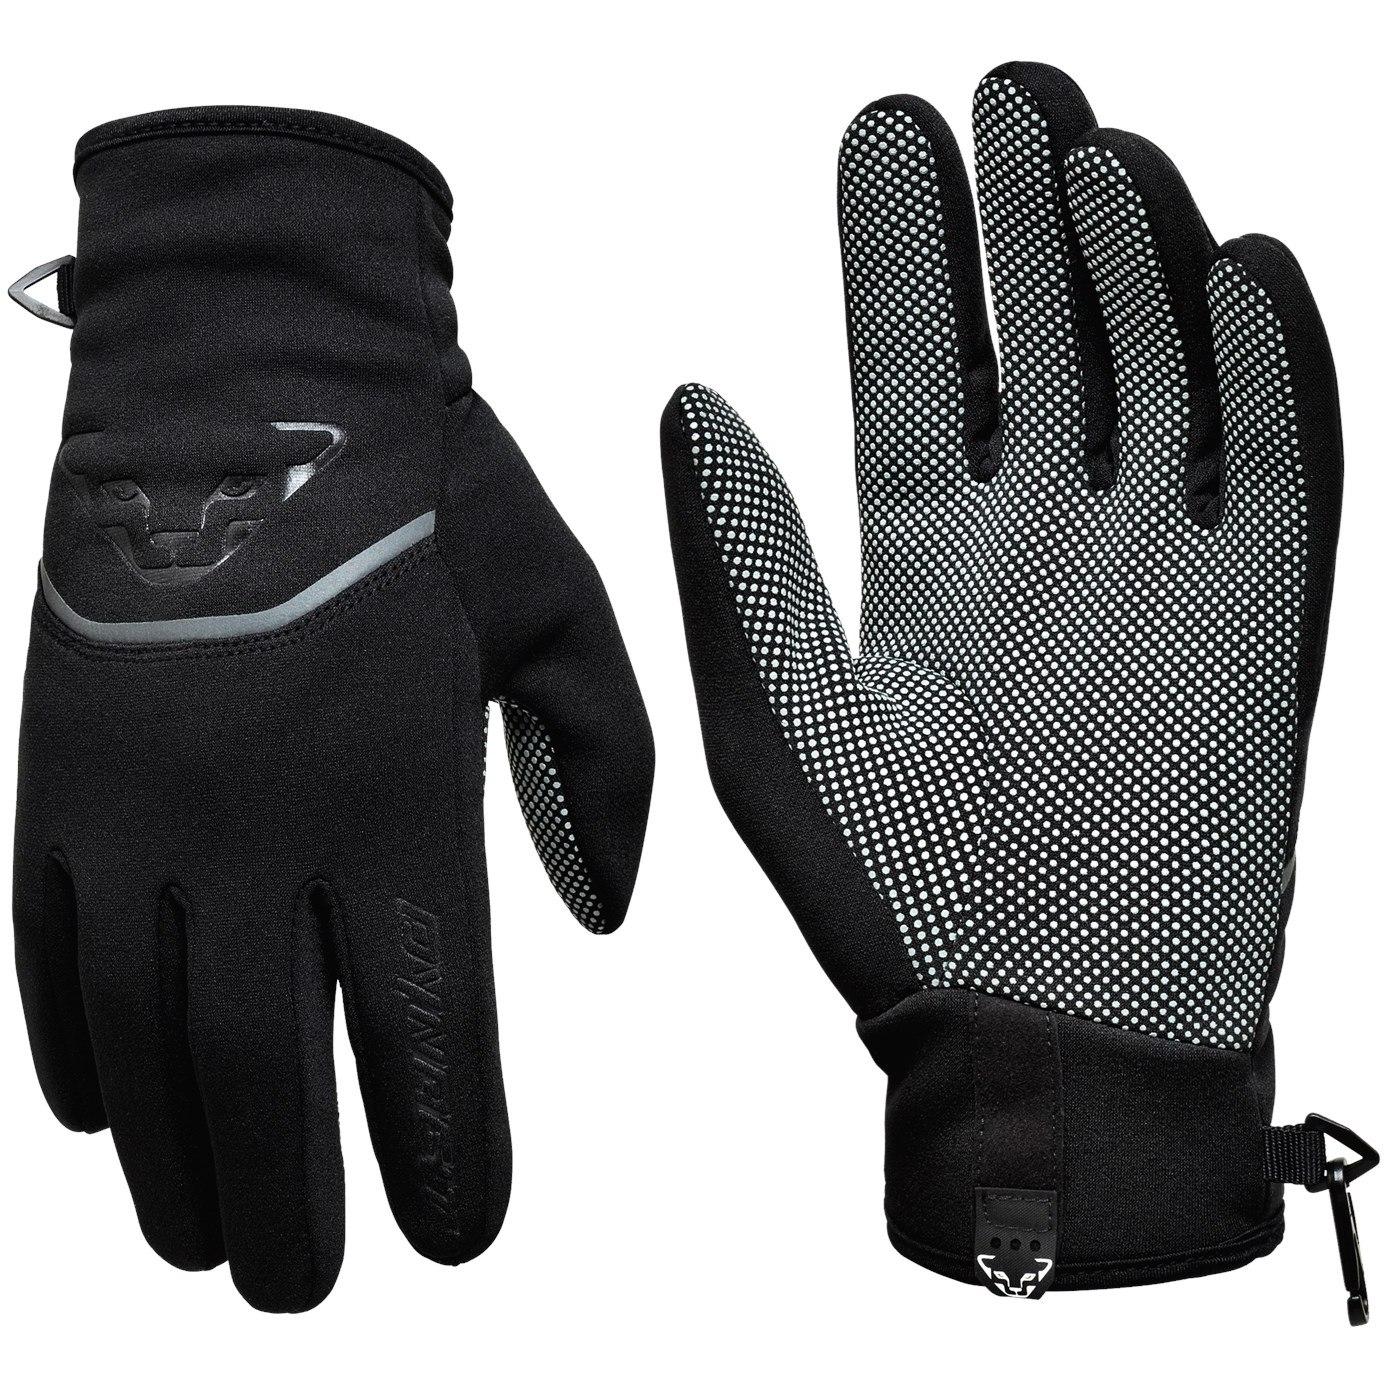 Dynafit Thermal Gloves - Black